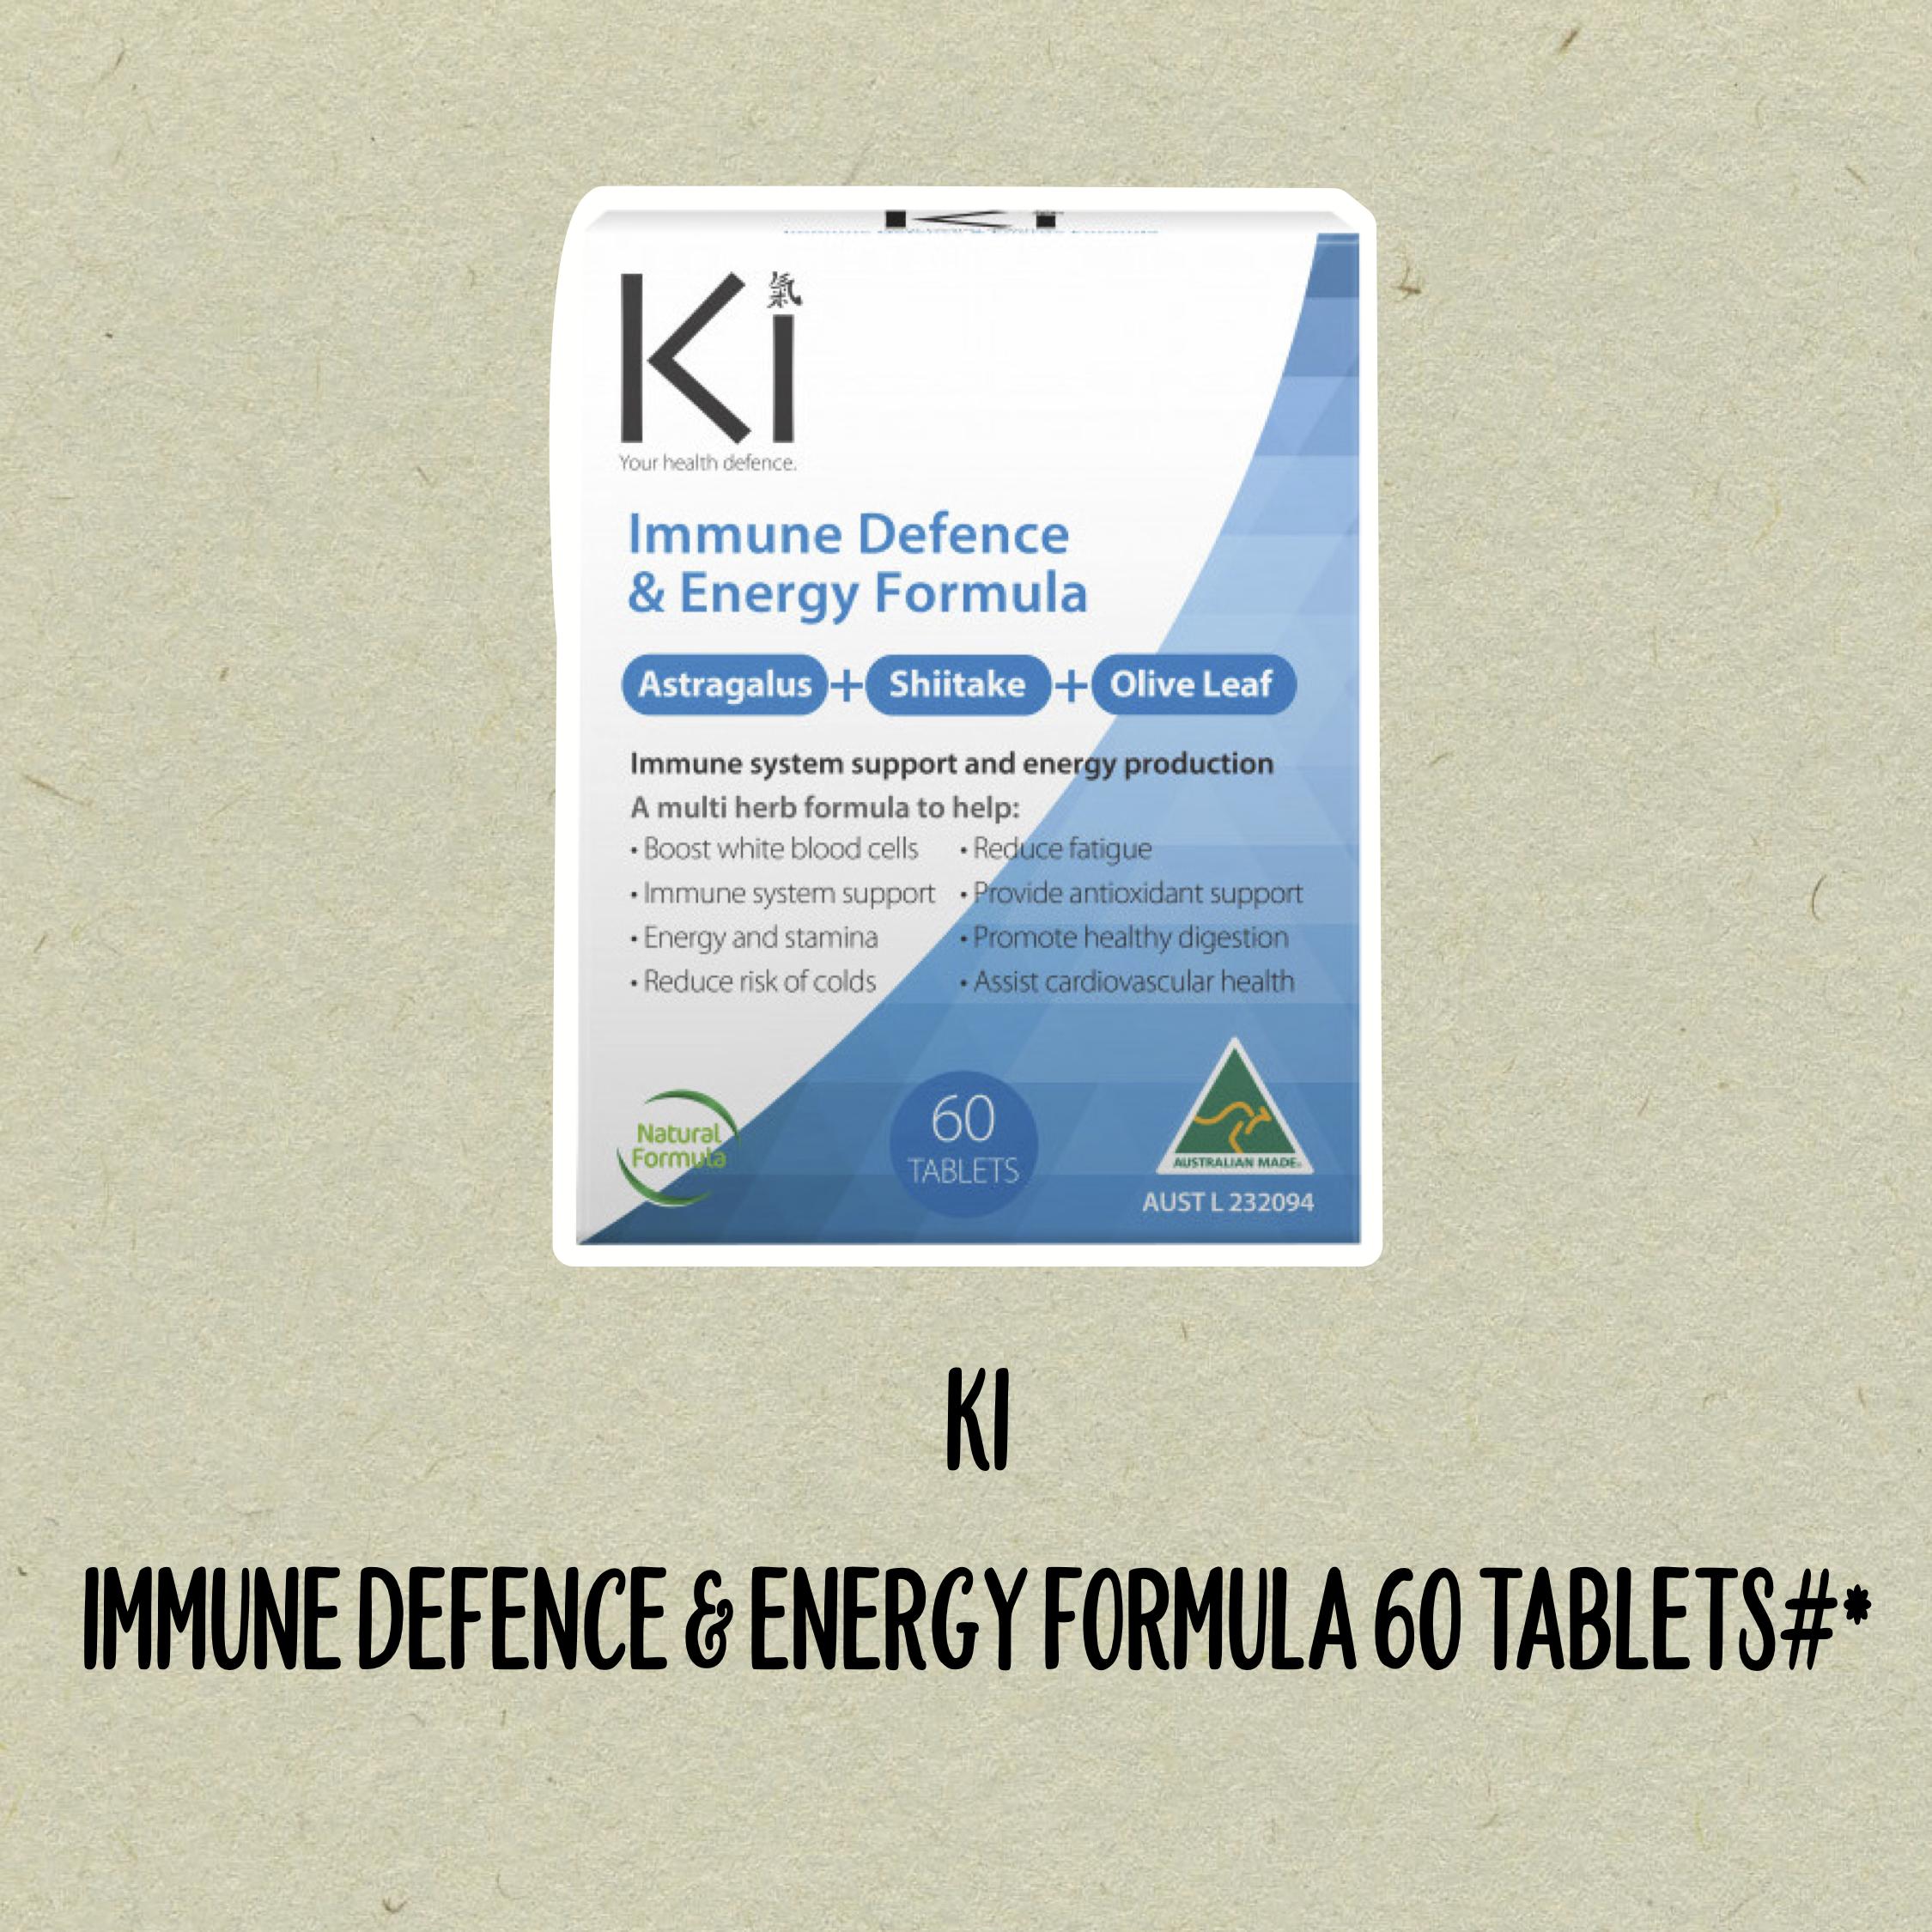 KI Immune Defence and Energy Formula